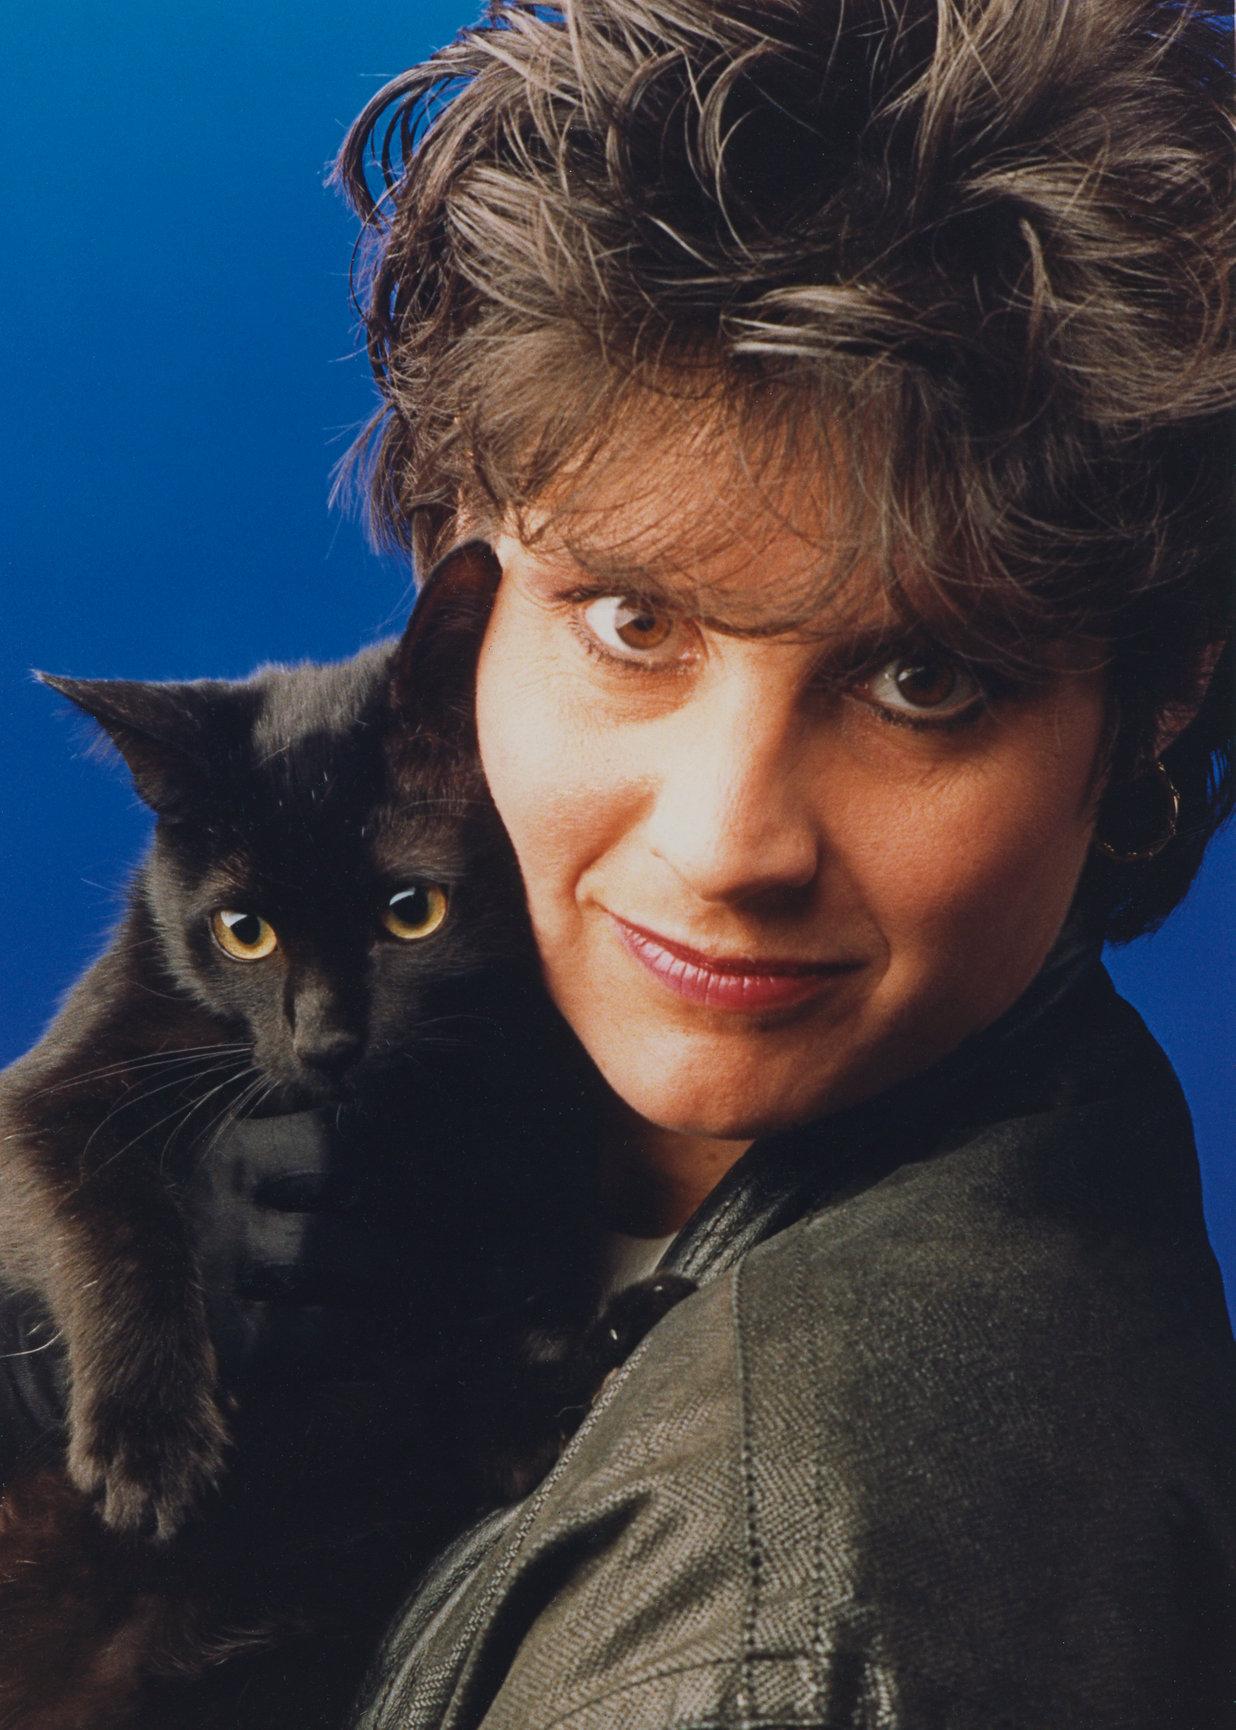 Дайана с котиком Тайпо, ее первым черным питомцем (фото начала 1990-х)